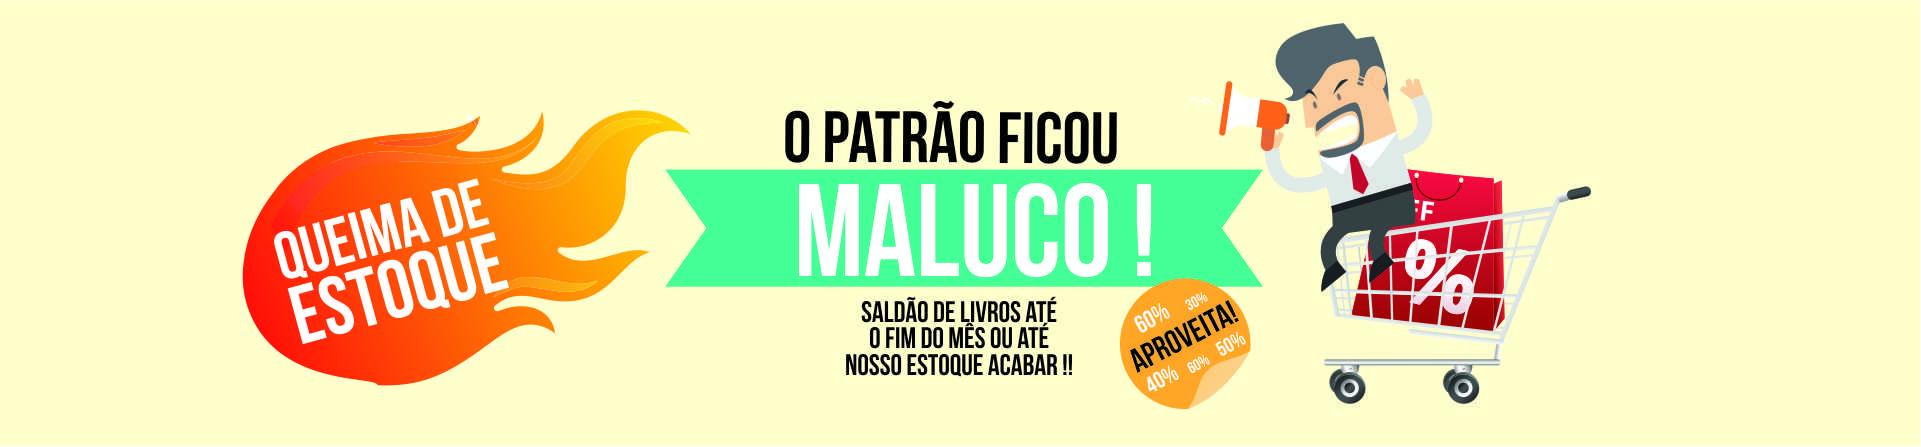 SALDÃO DE LIVROS